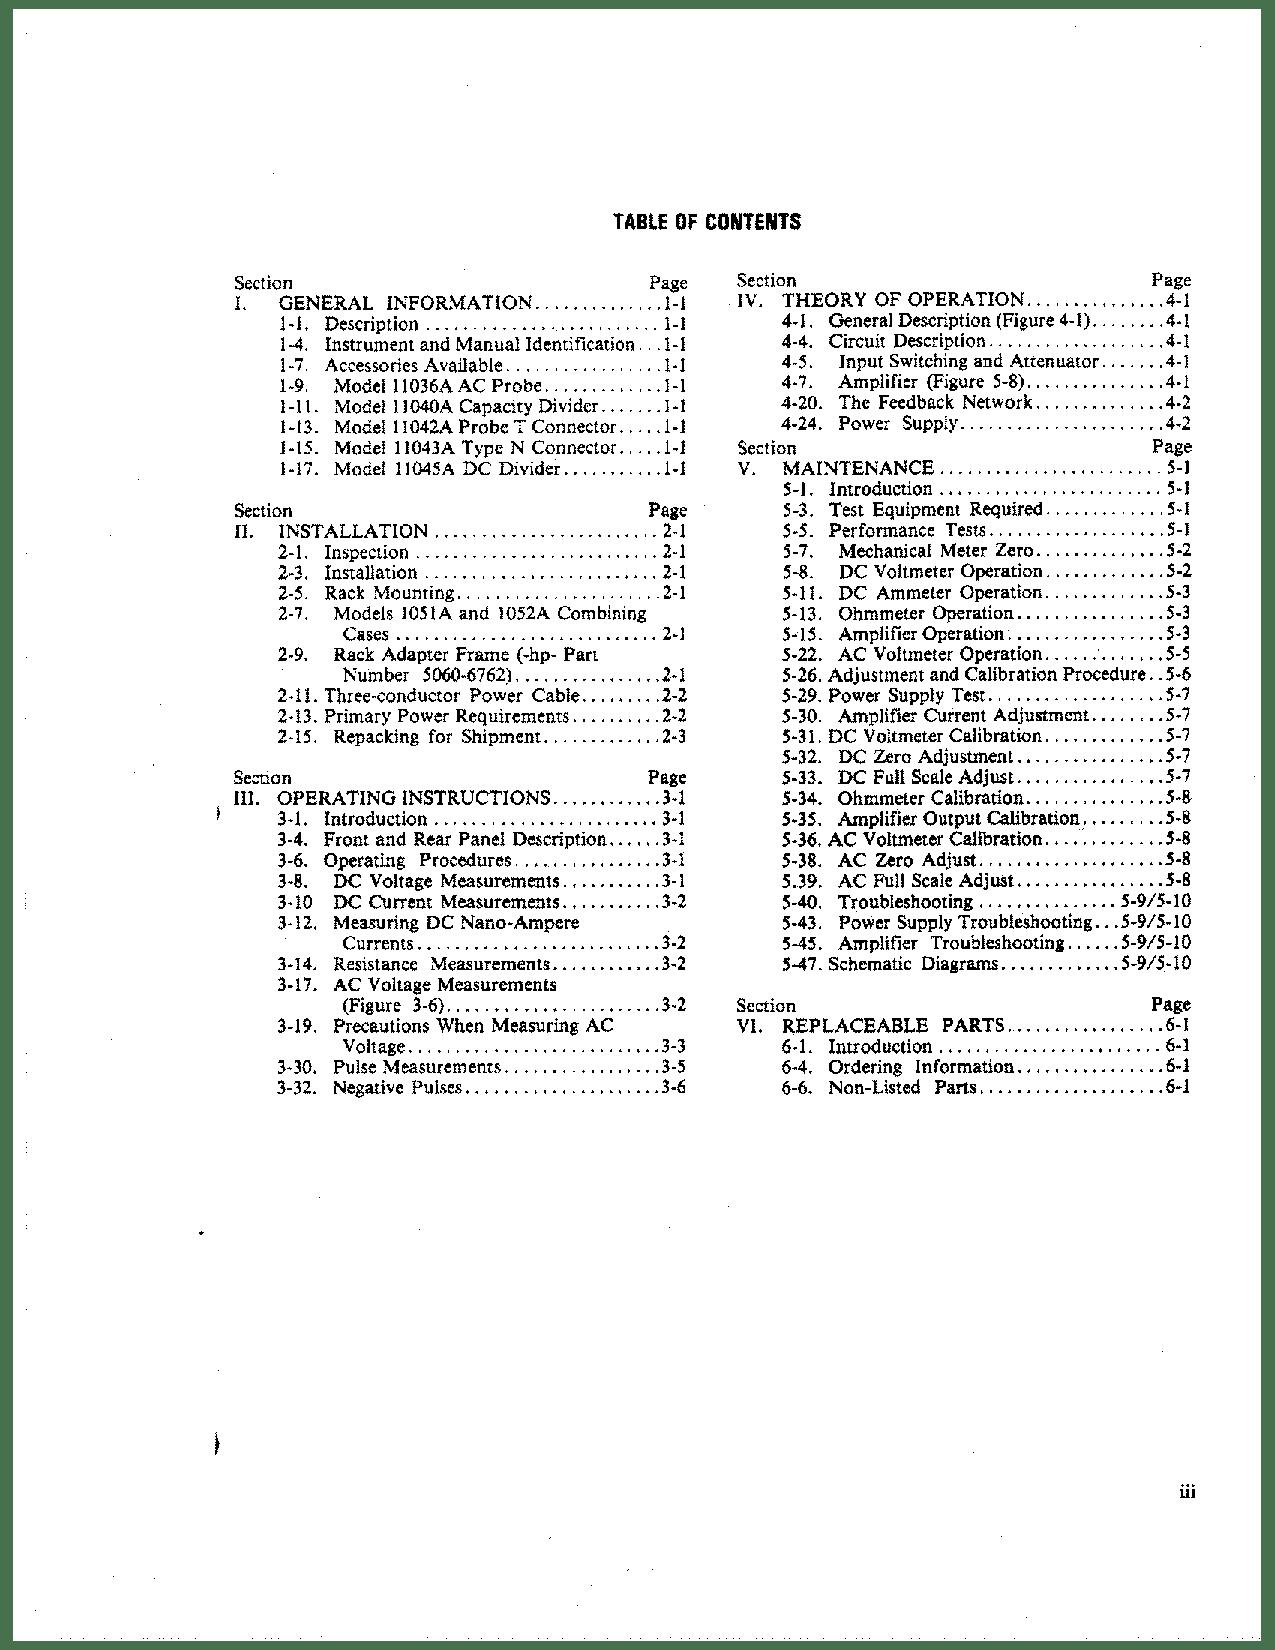 HP (Hewlett-Packard) 410c User Manual